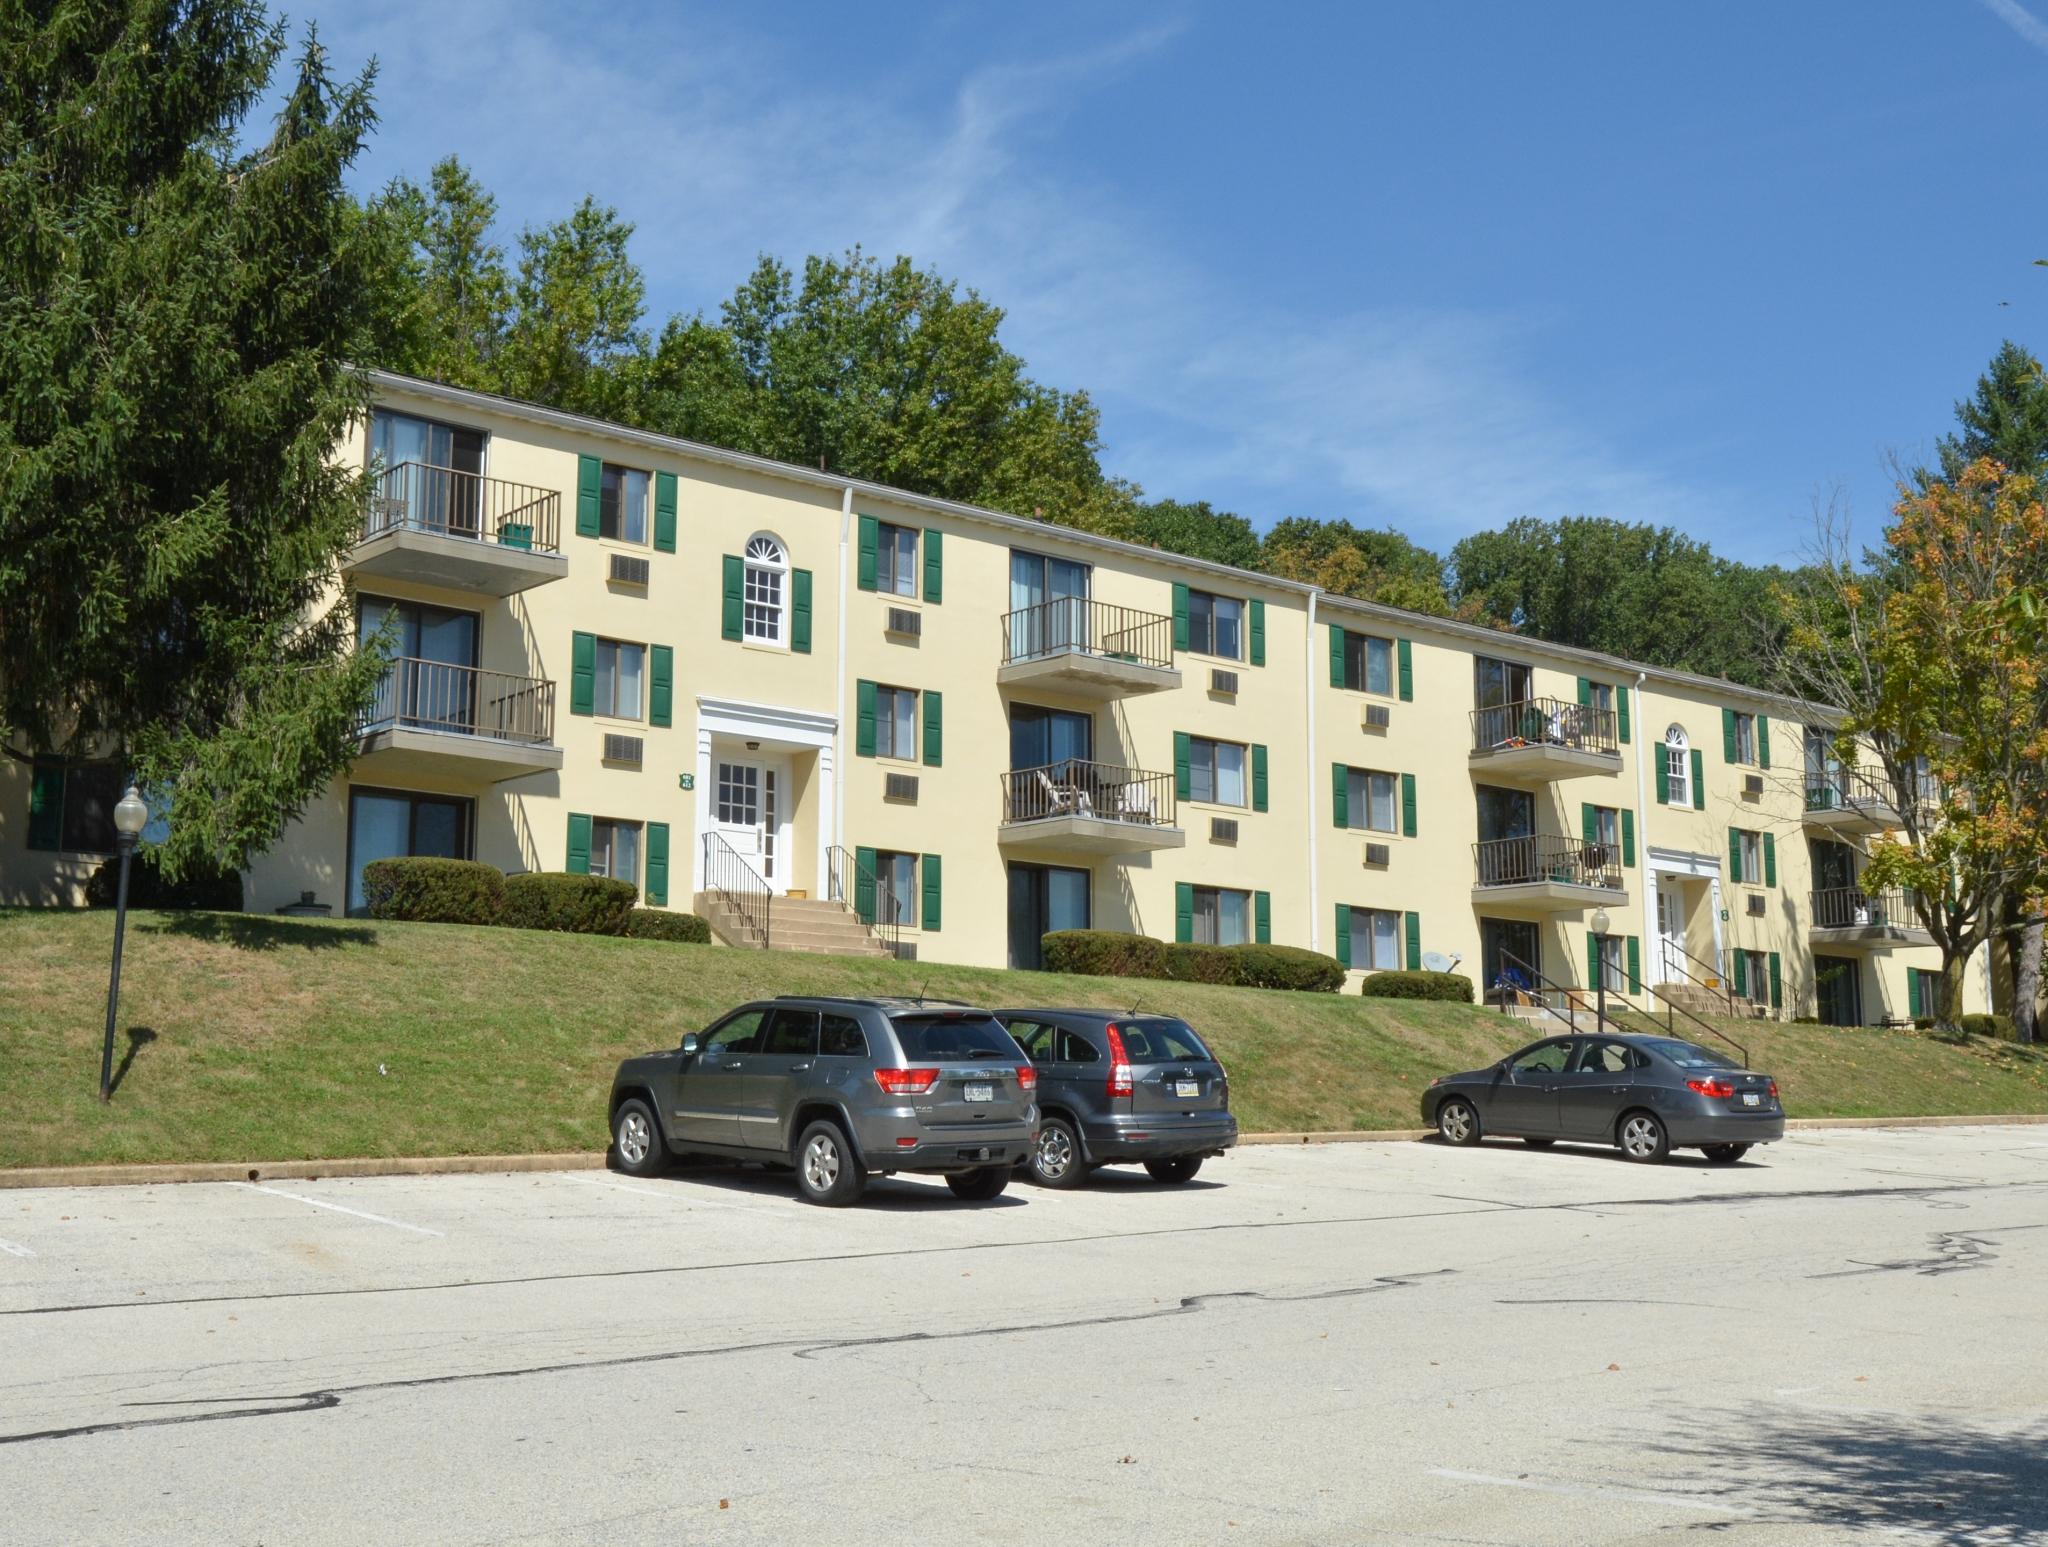 Norwood House Apartments image 3